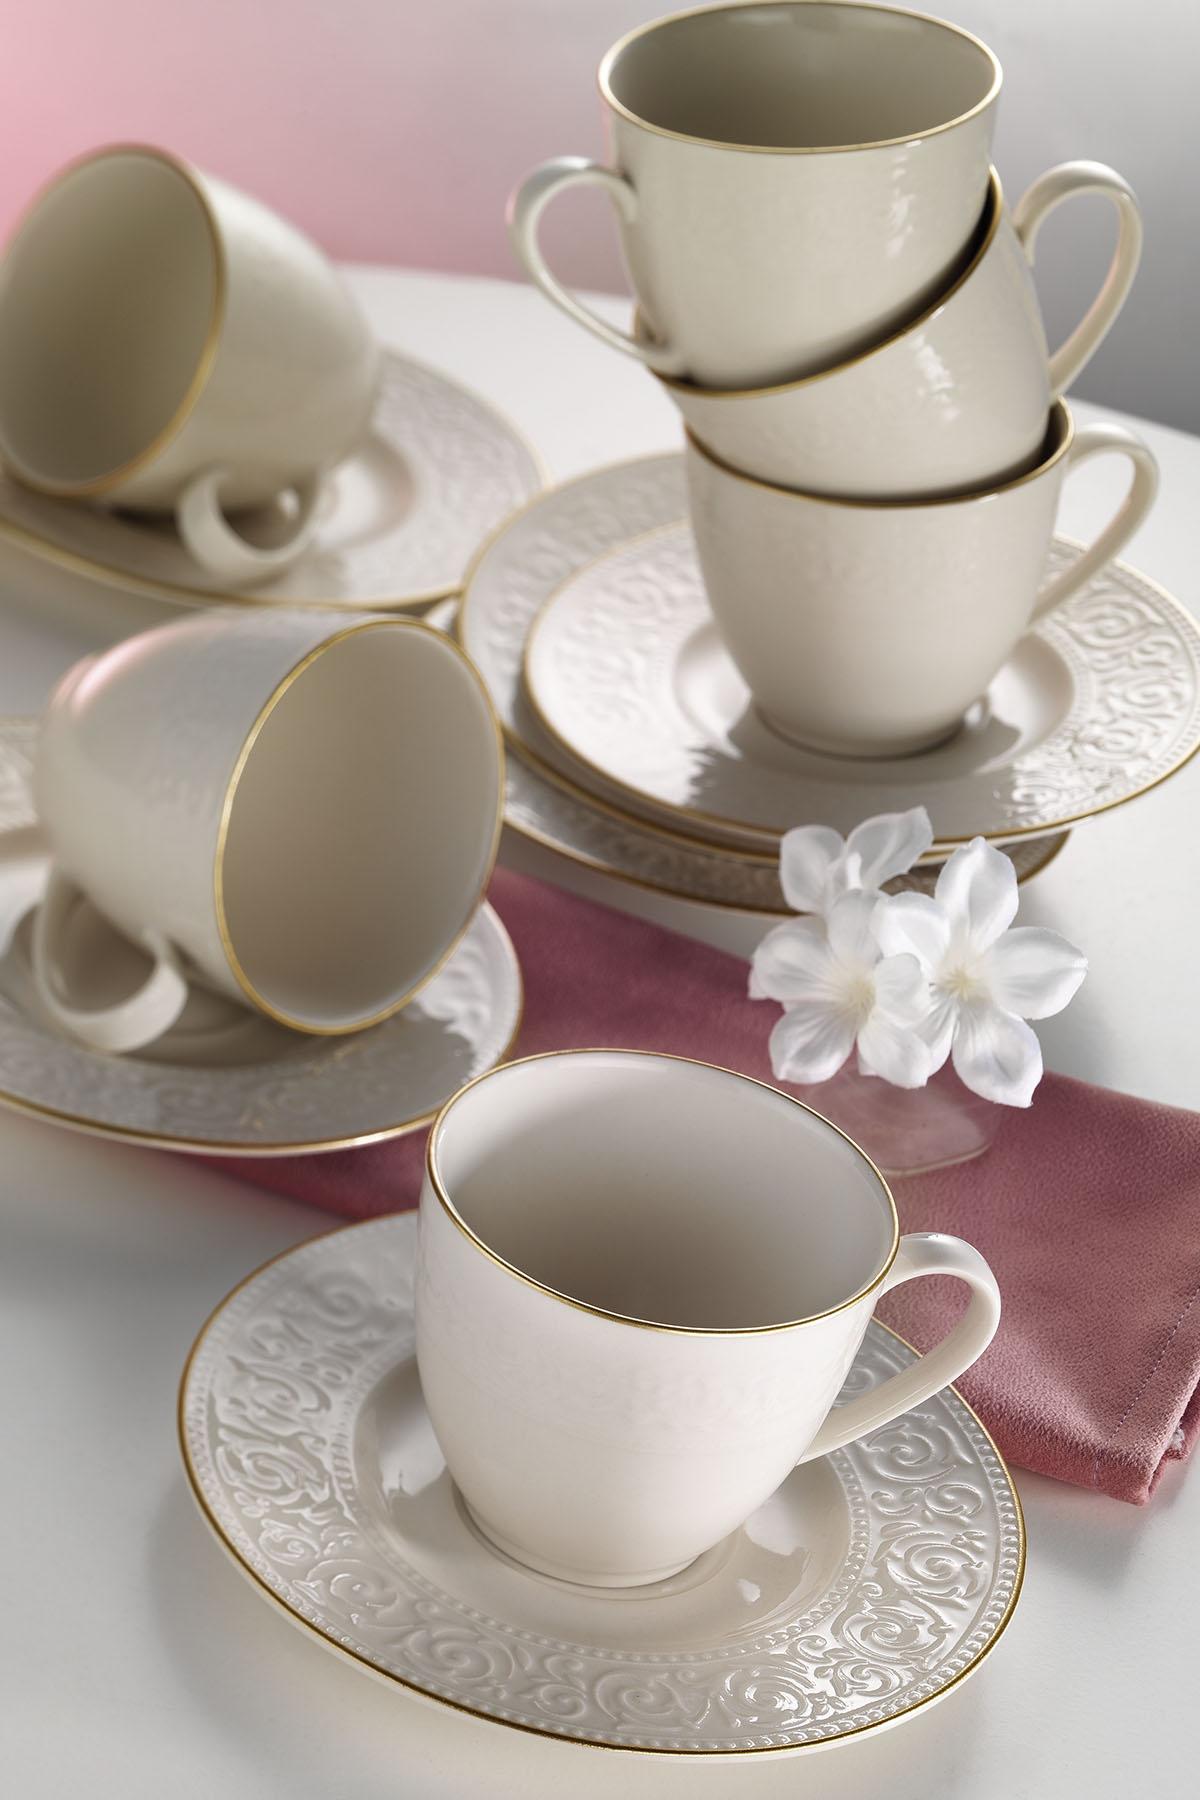 Kütahya Porselen - Kütahya Porselen Açelya Krem Altın File Çay Fincan Takımı